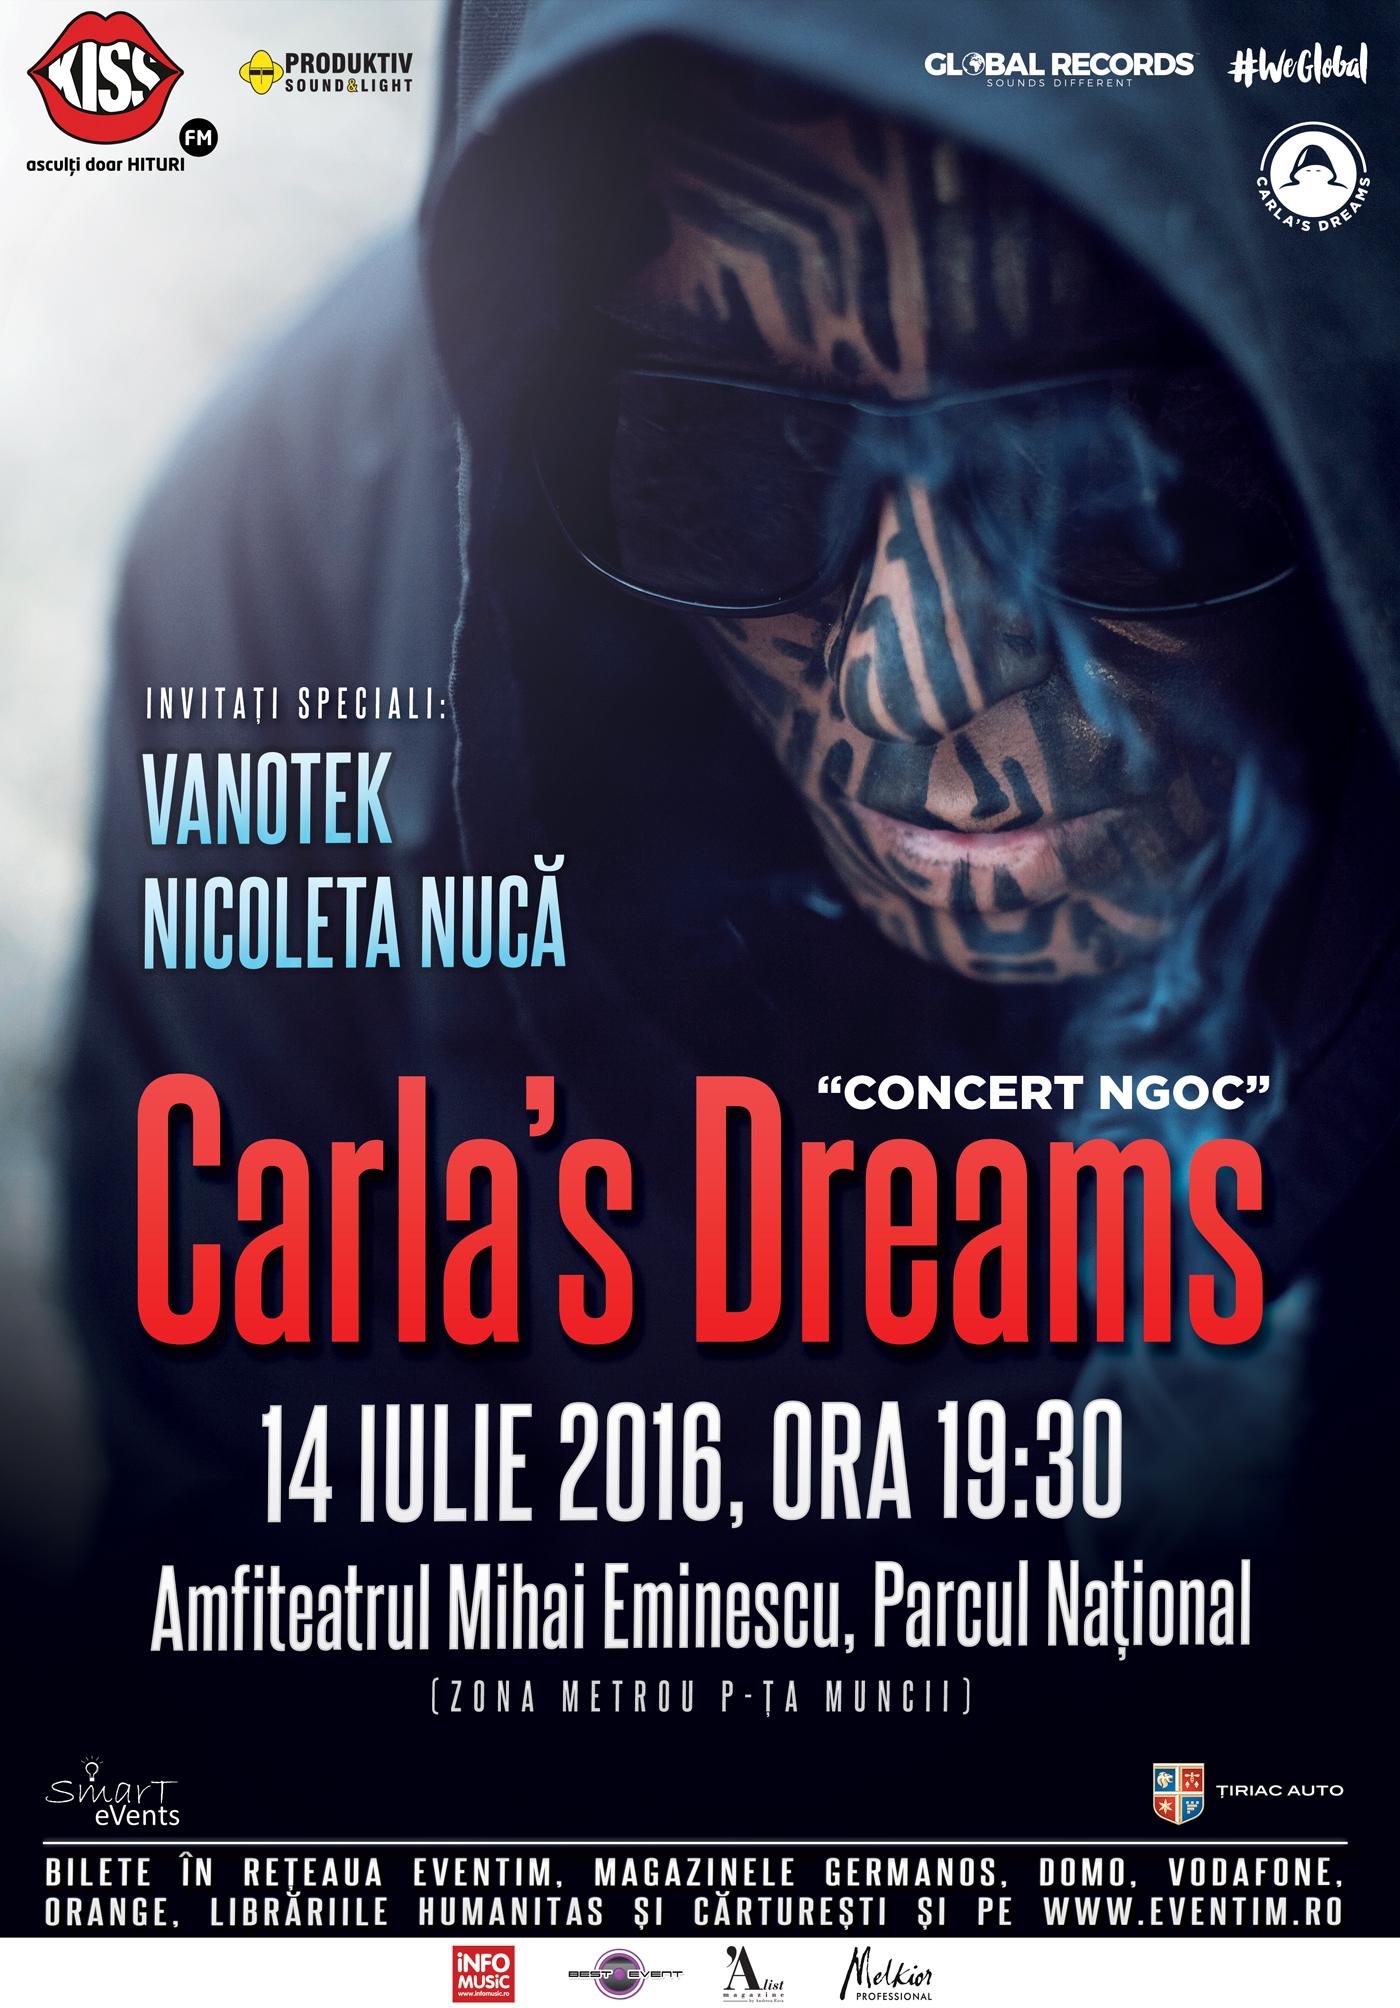 """FENOMENUL CARLA'S DREAMS CONTINUA. VARA ACEASTA CONCERT LA AMFITEATRUL """"MIHAI EMINESCU din BUCURESTI pe 14 iulie"""